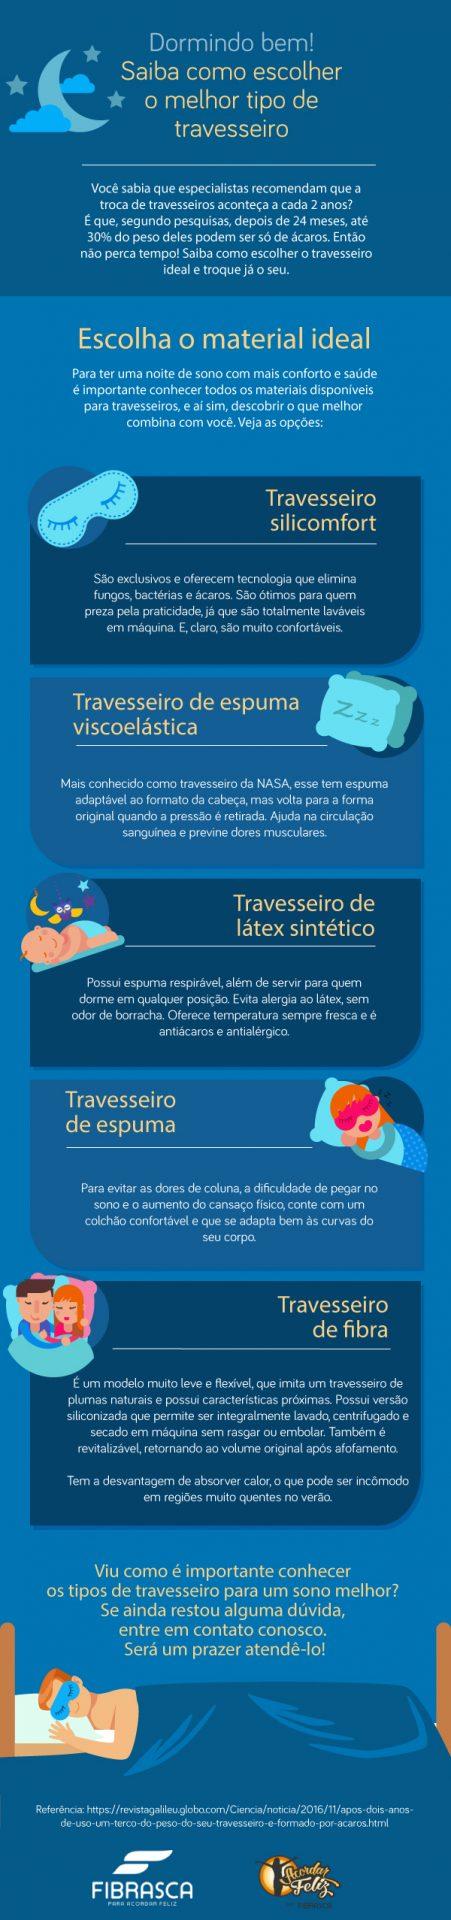 Infográfico como escolher o melhor travesseiro